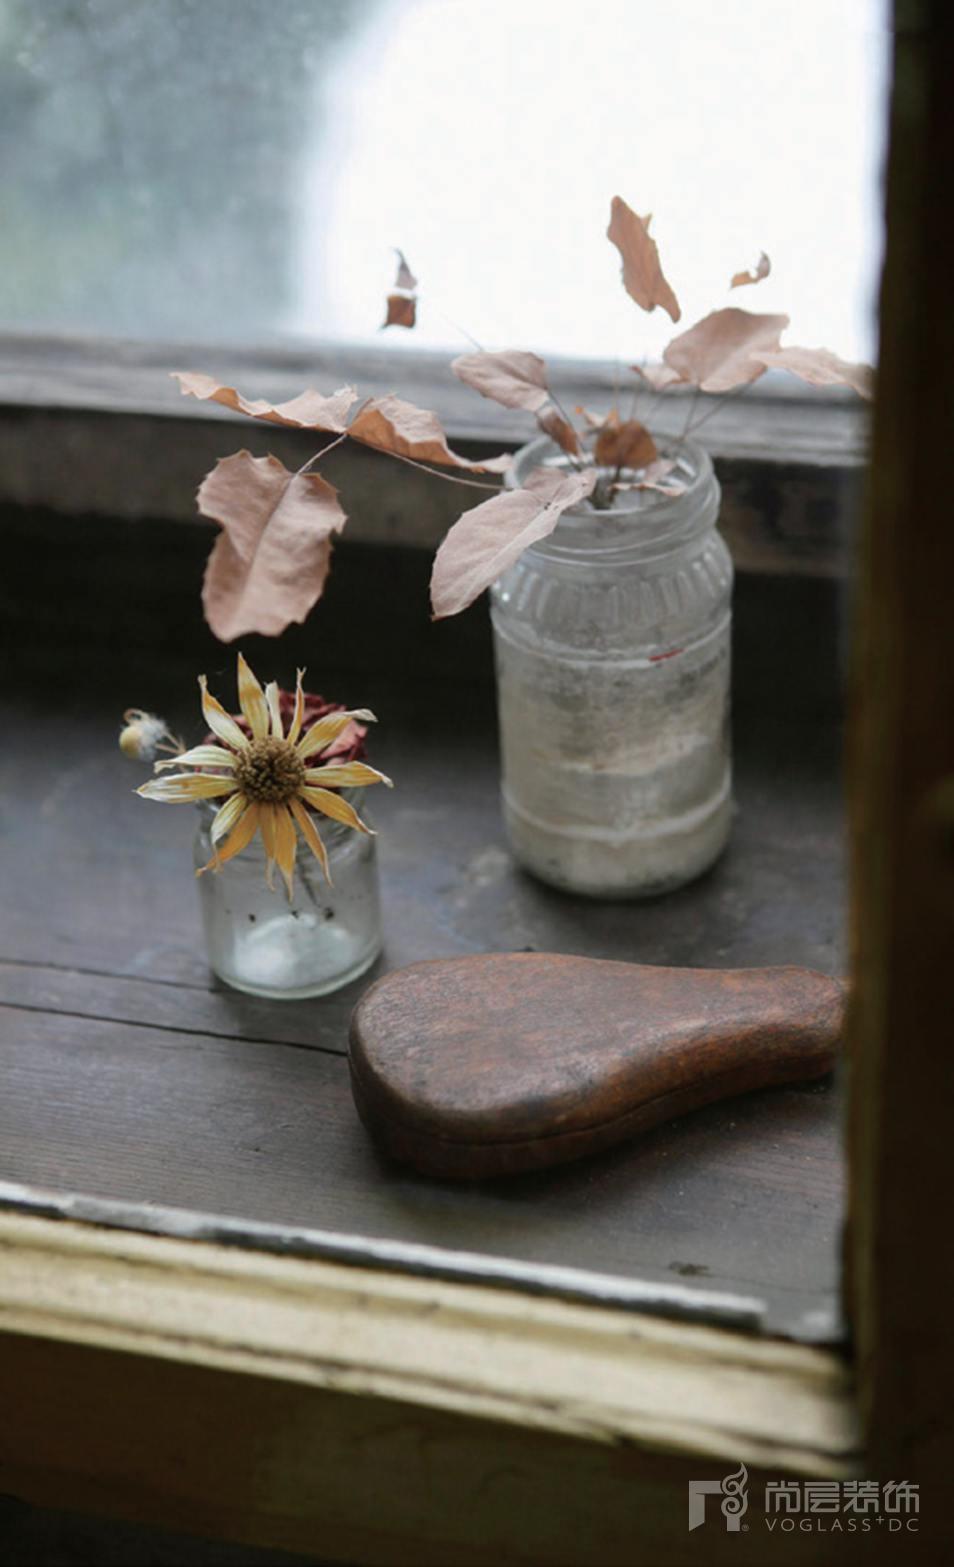 尚层装饰别墅生活插花瓷器